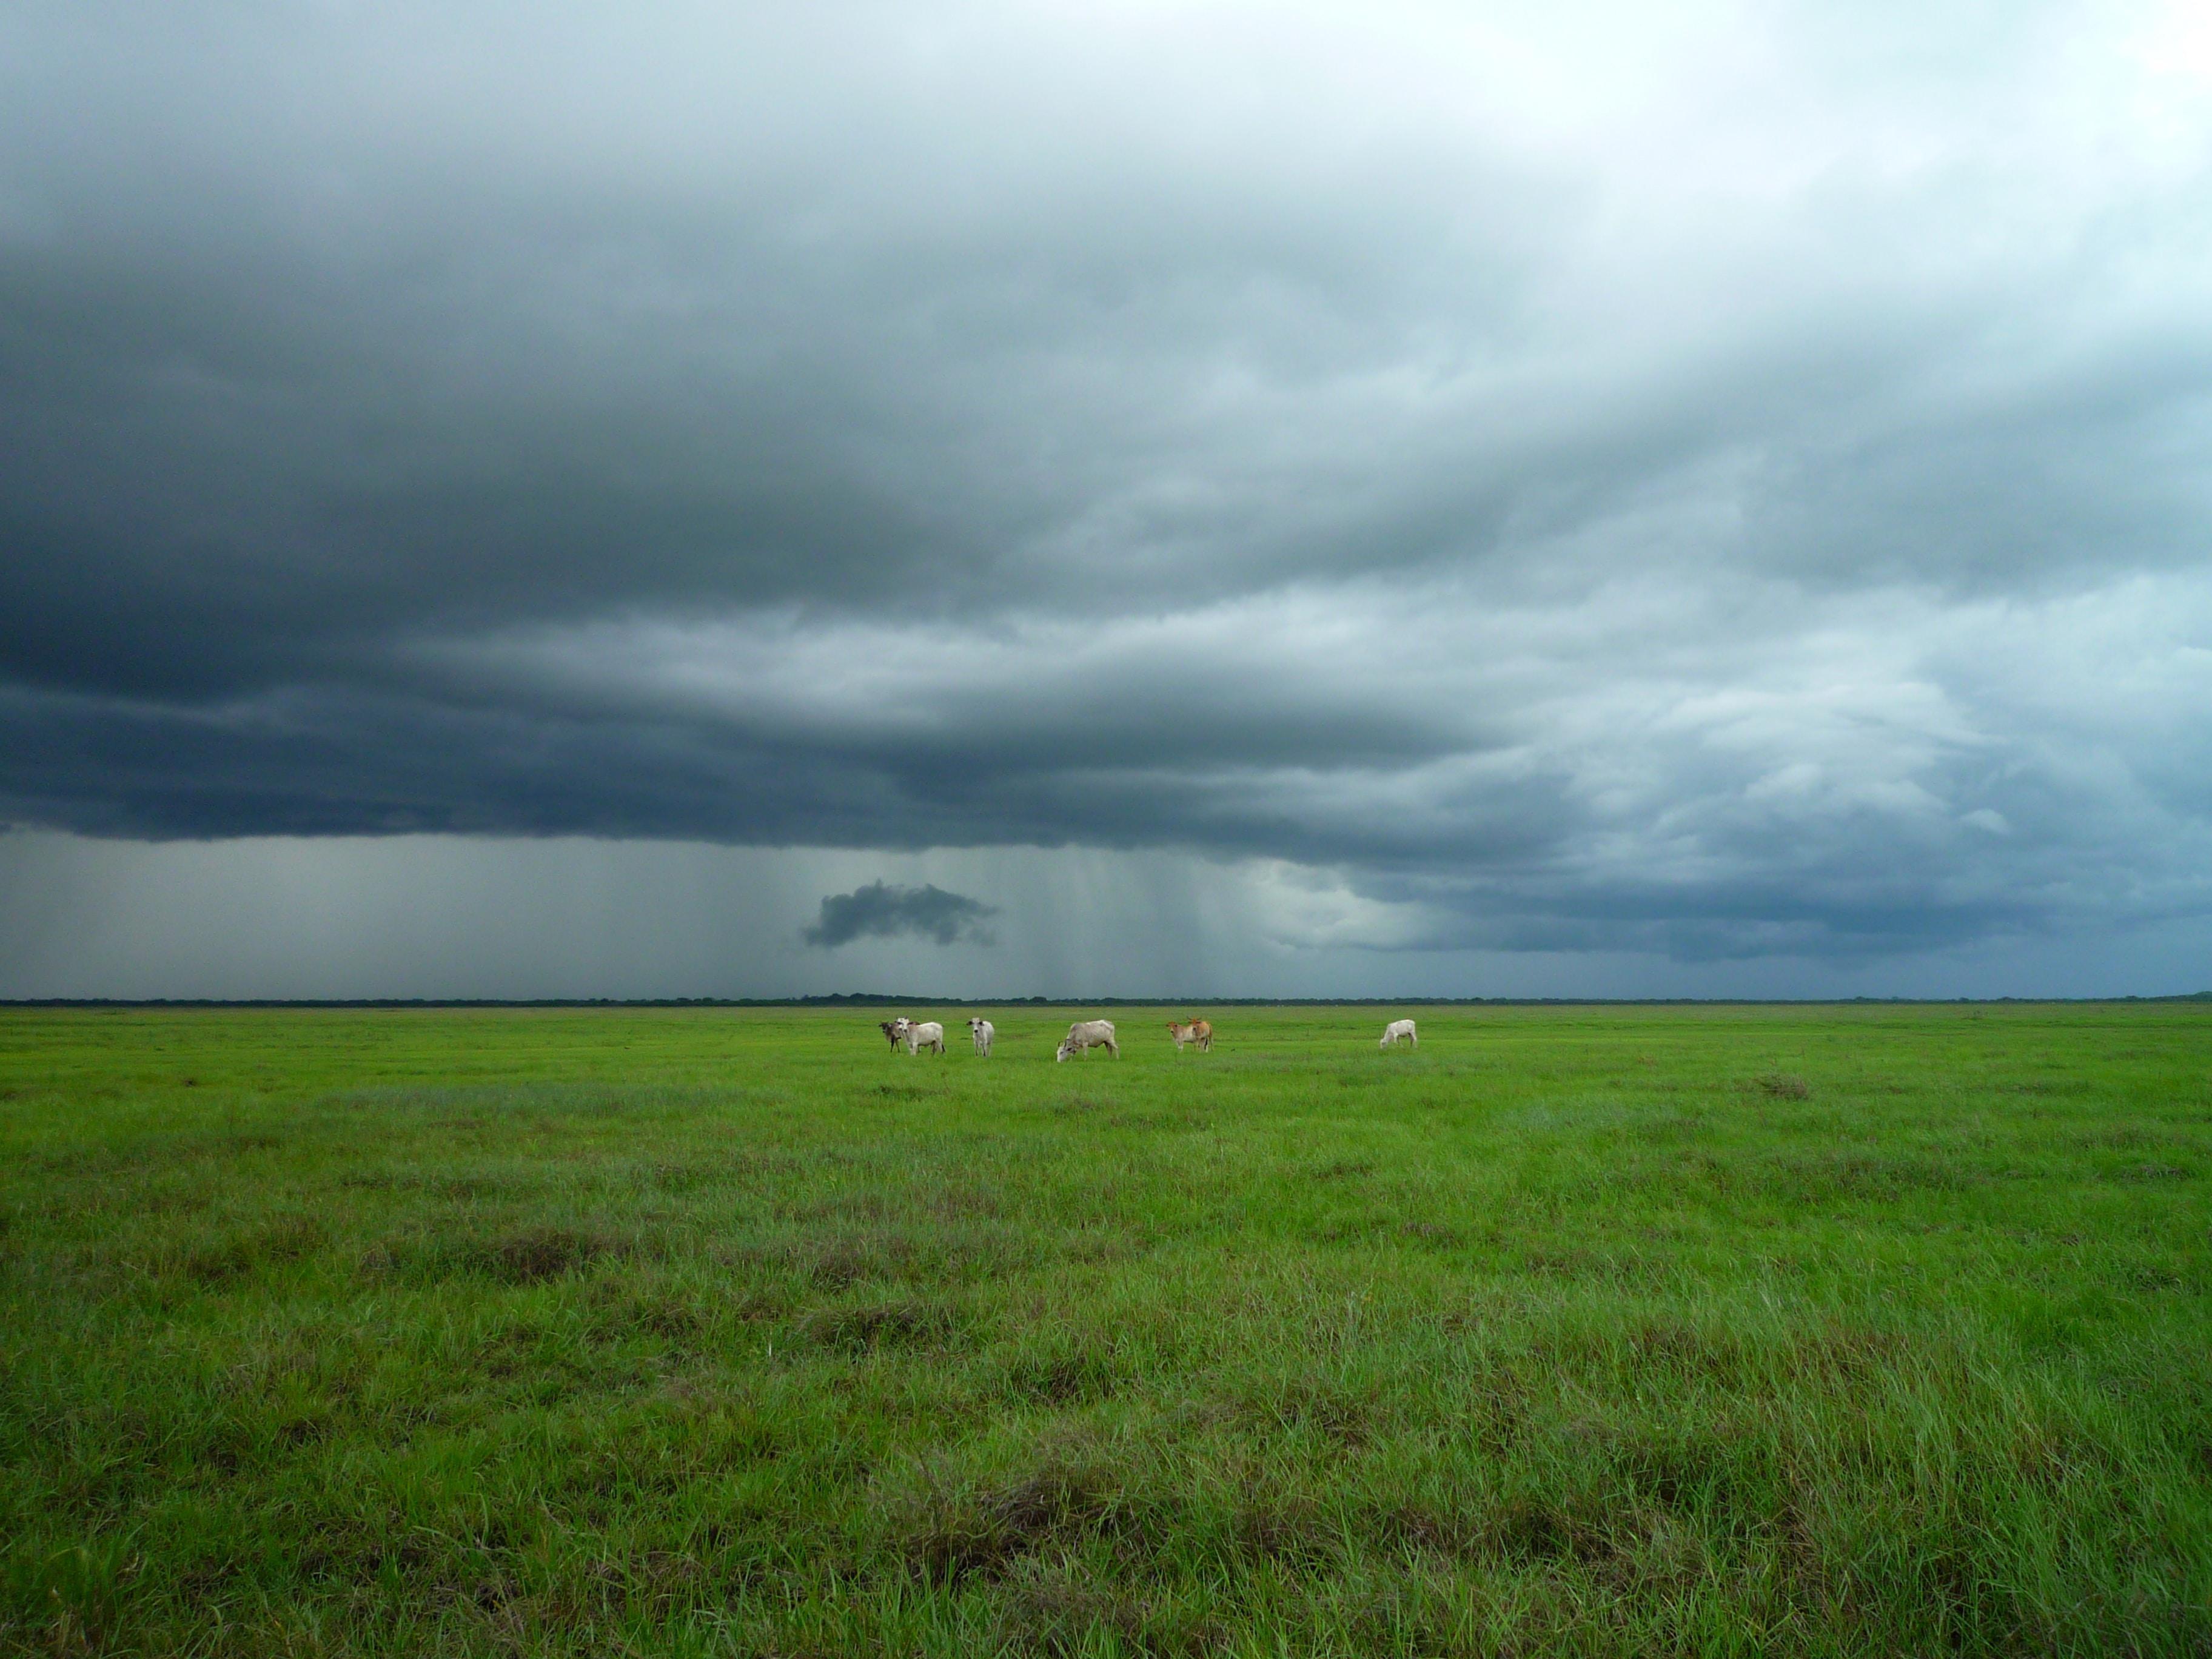 Soja: chuva em Mato Grosso e Bahia. Siga a previsão para novembro